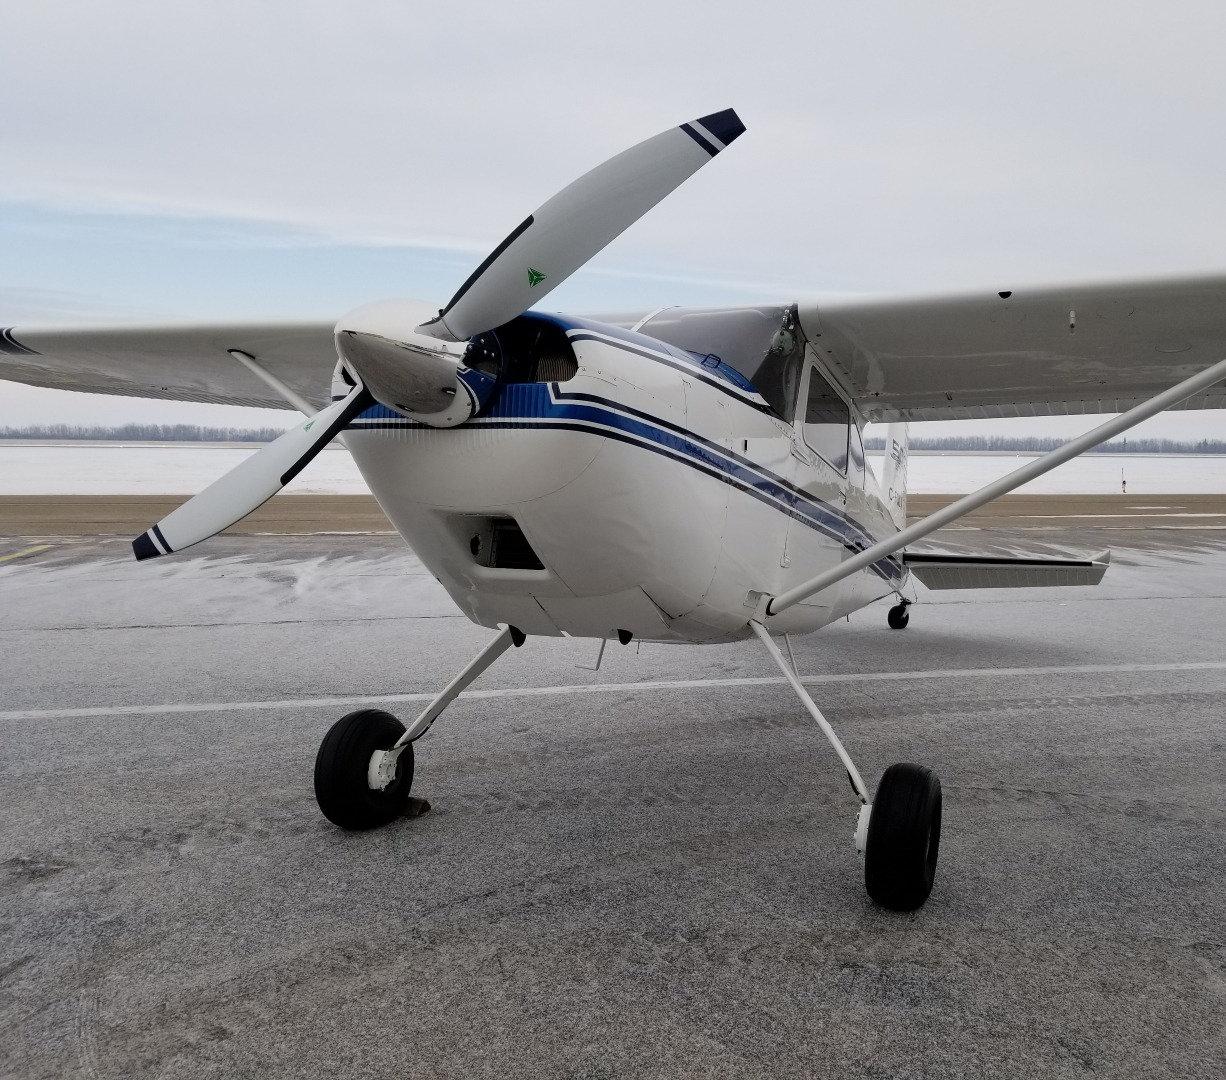 Cessna 180/185